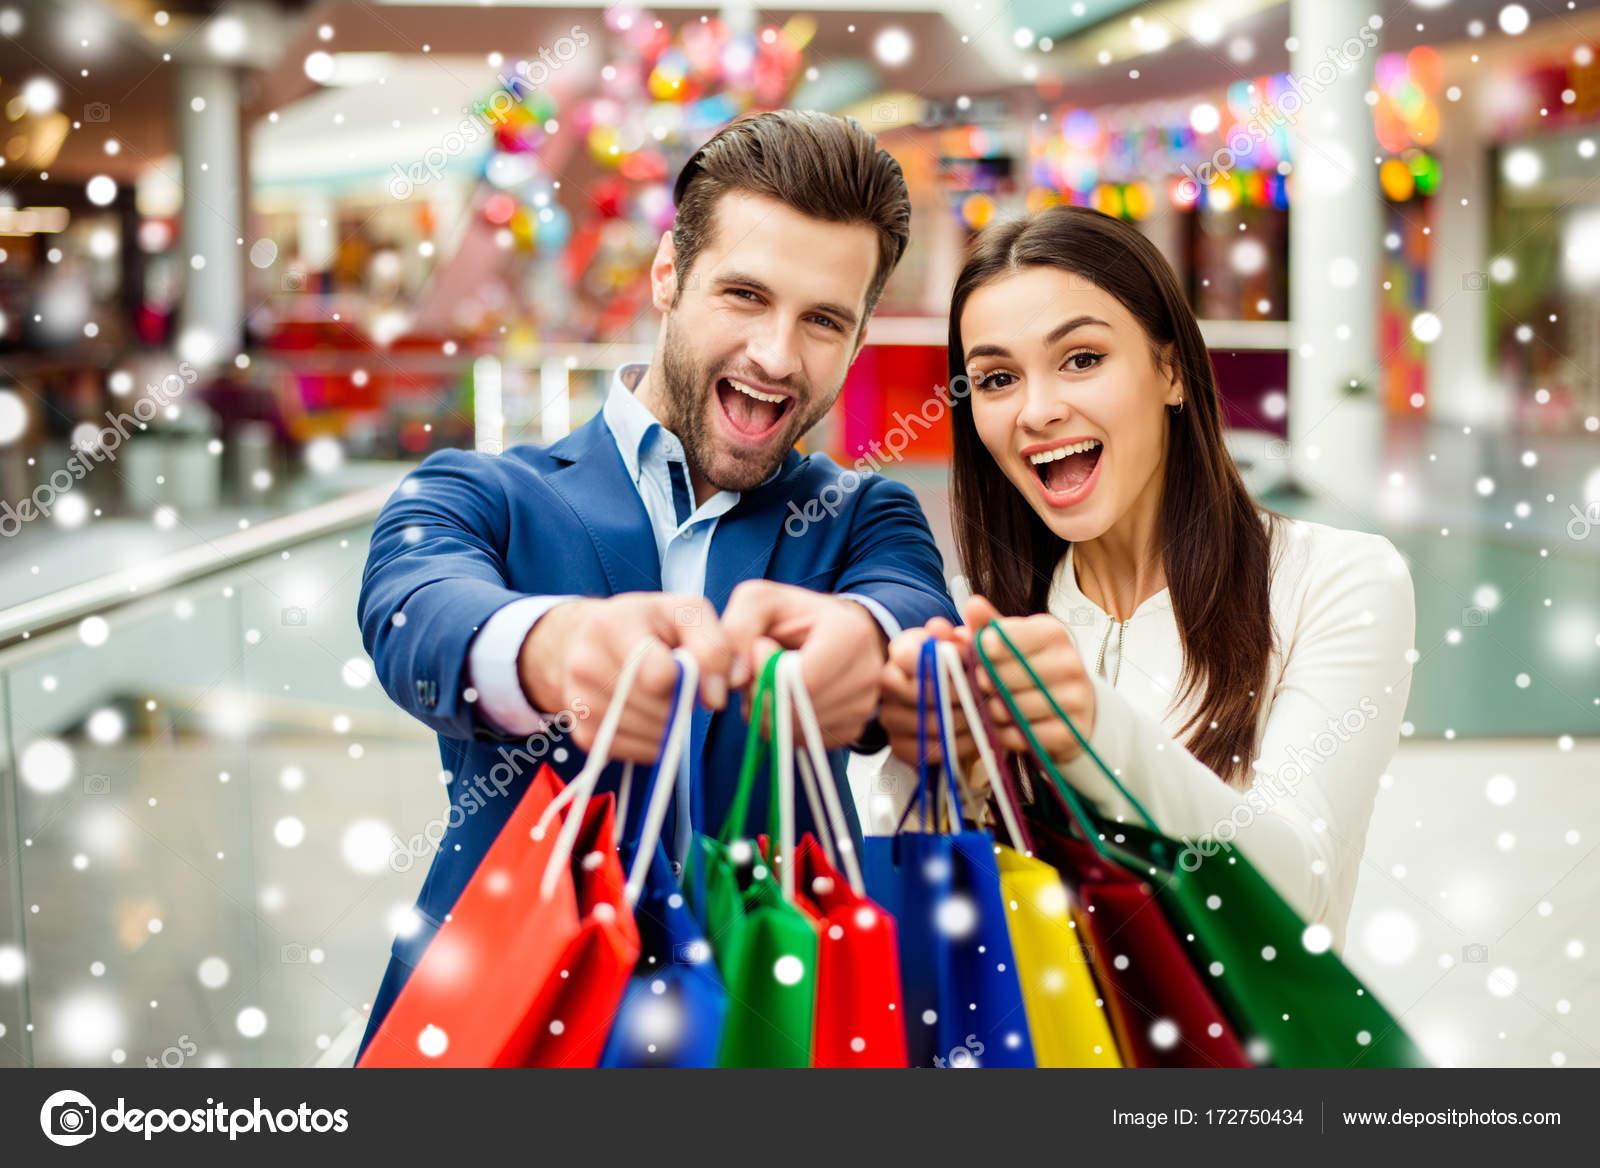 803e955f6 Ez az őrült bevásárlás, az öröm és a szórakozás ideje. Vidám sikeres ...